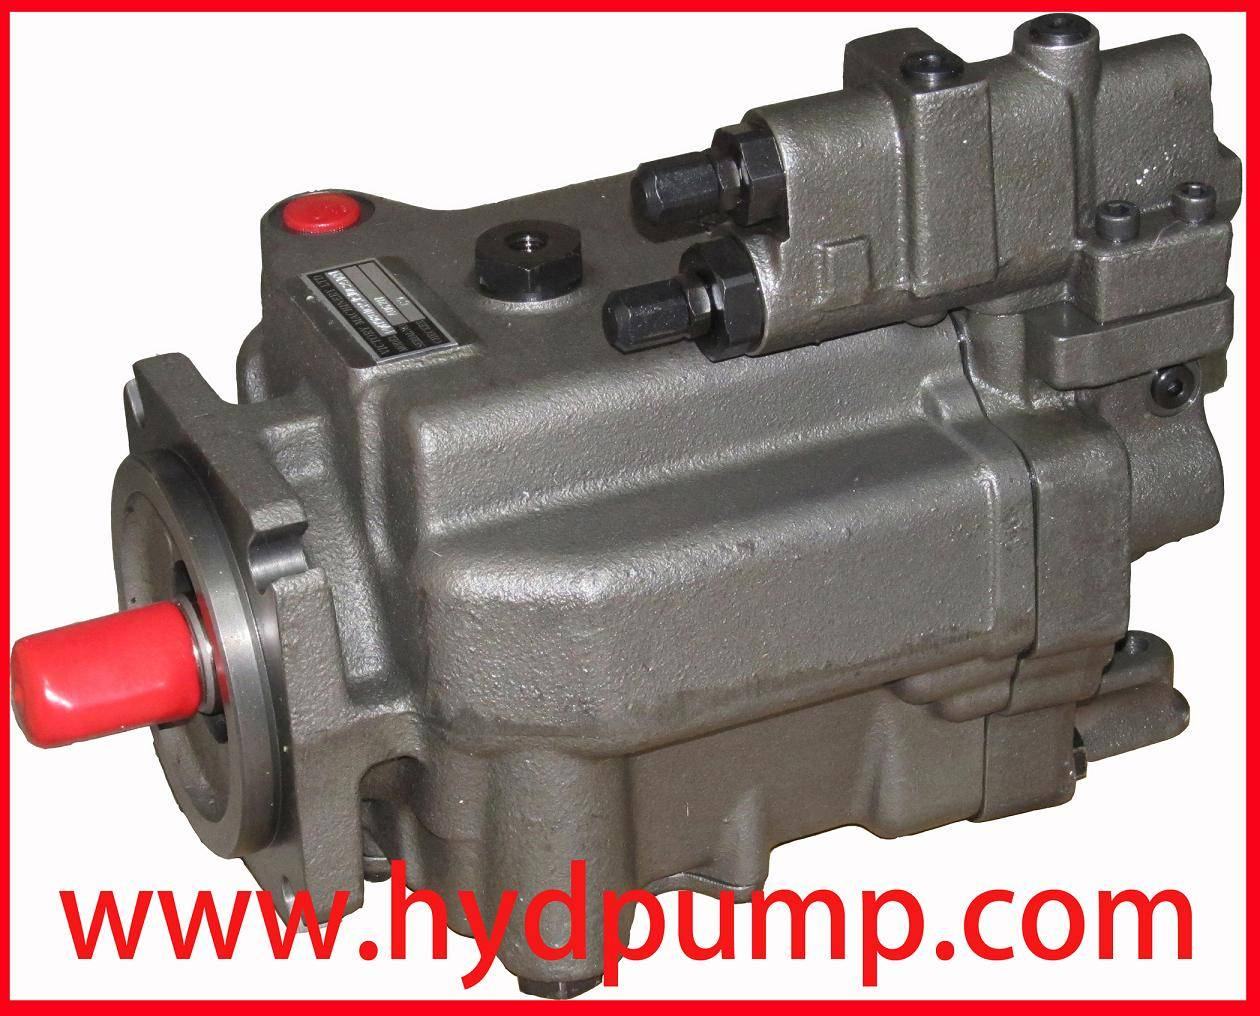 PVH57, PVH74, PVH98, PVH131, PVH141 Vickers PVH hydraulic Pump